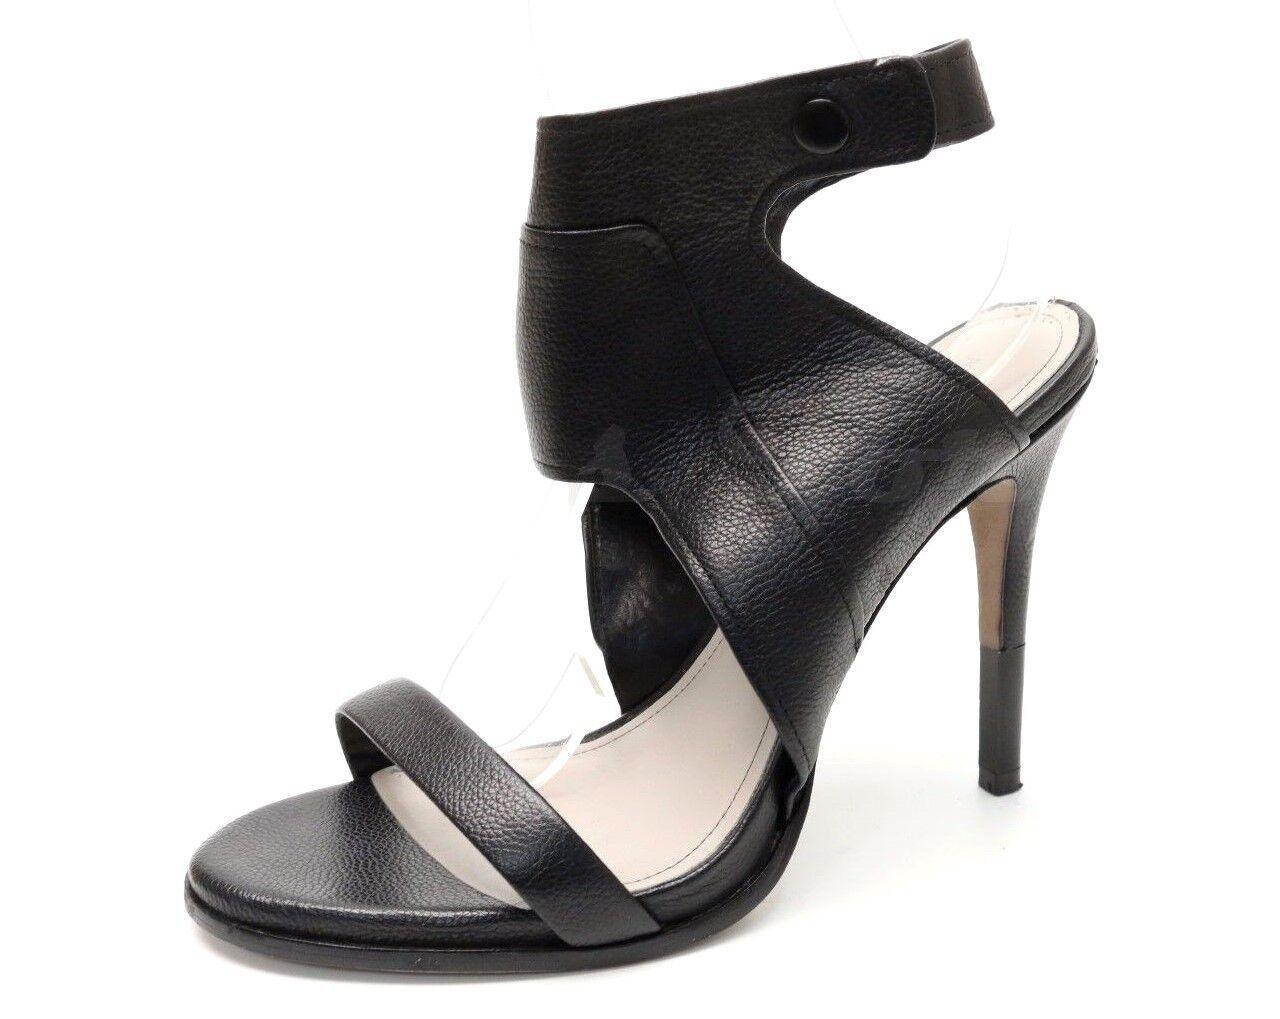 Womens POUR LA VICTOIRE black leather ankle strap sandals sz. 10